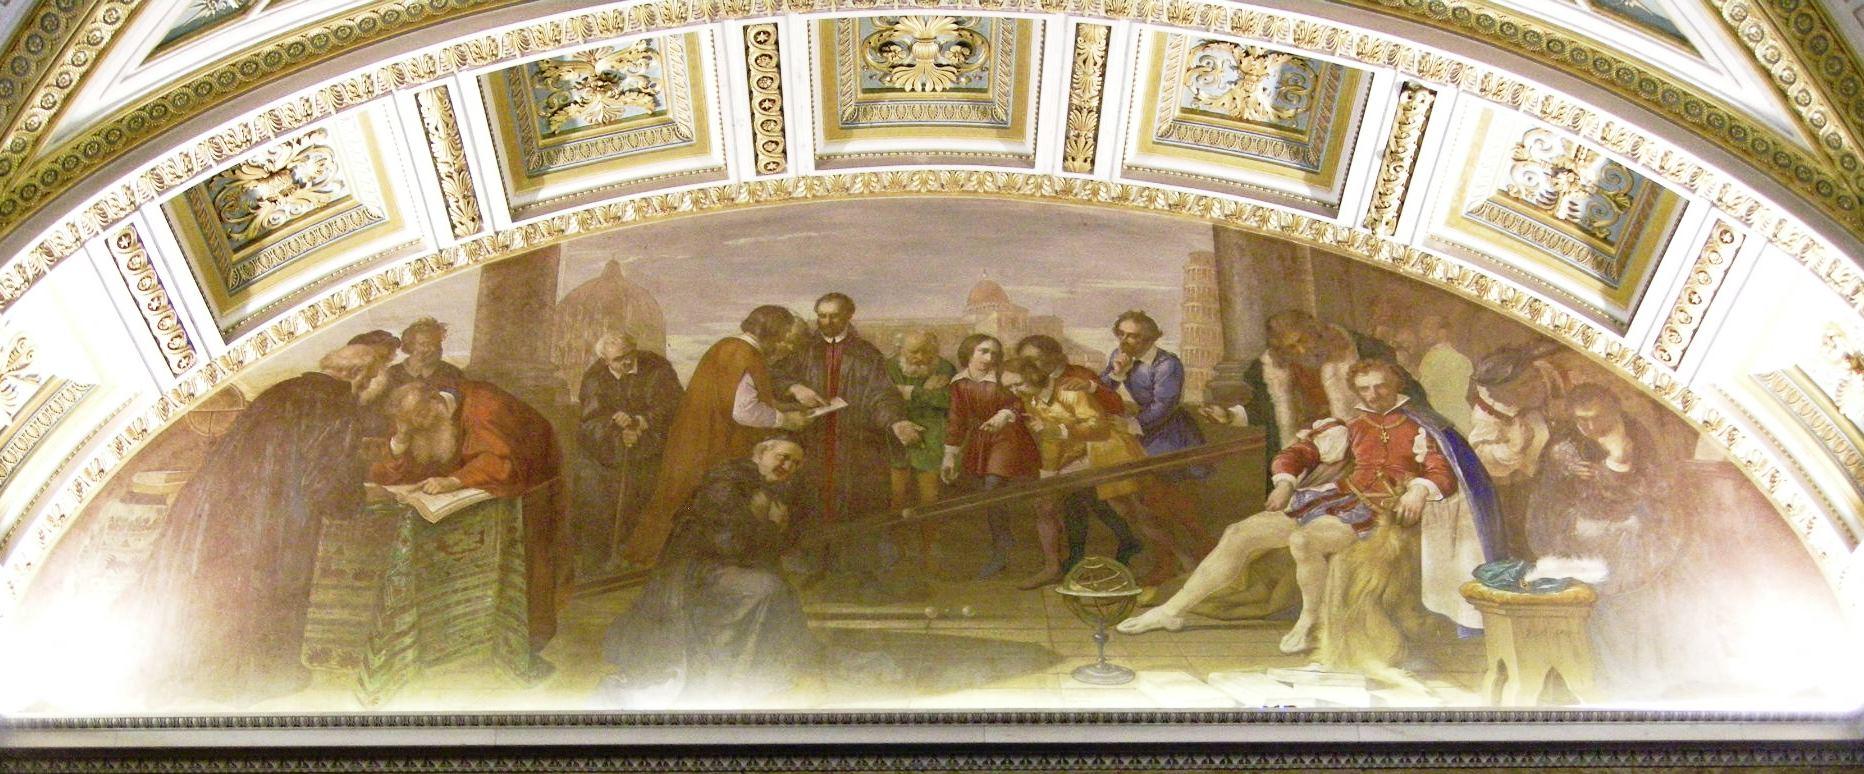 Galileo_mentre_dimostra_la_legge_di_caduta_dei_gravi_(Giuseppe_Bezzuoli)